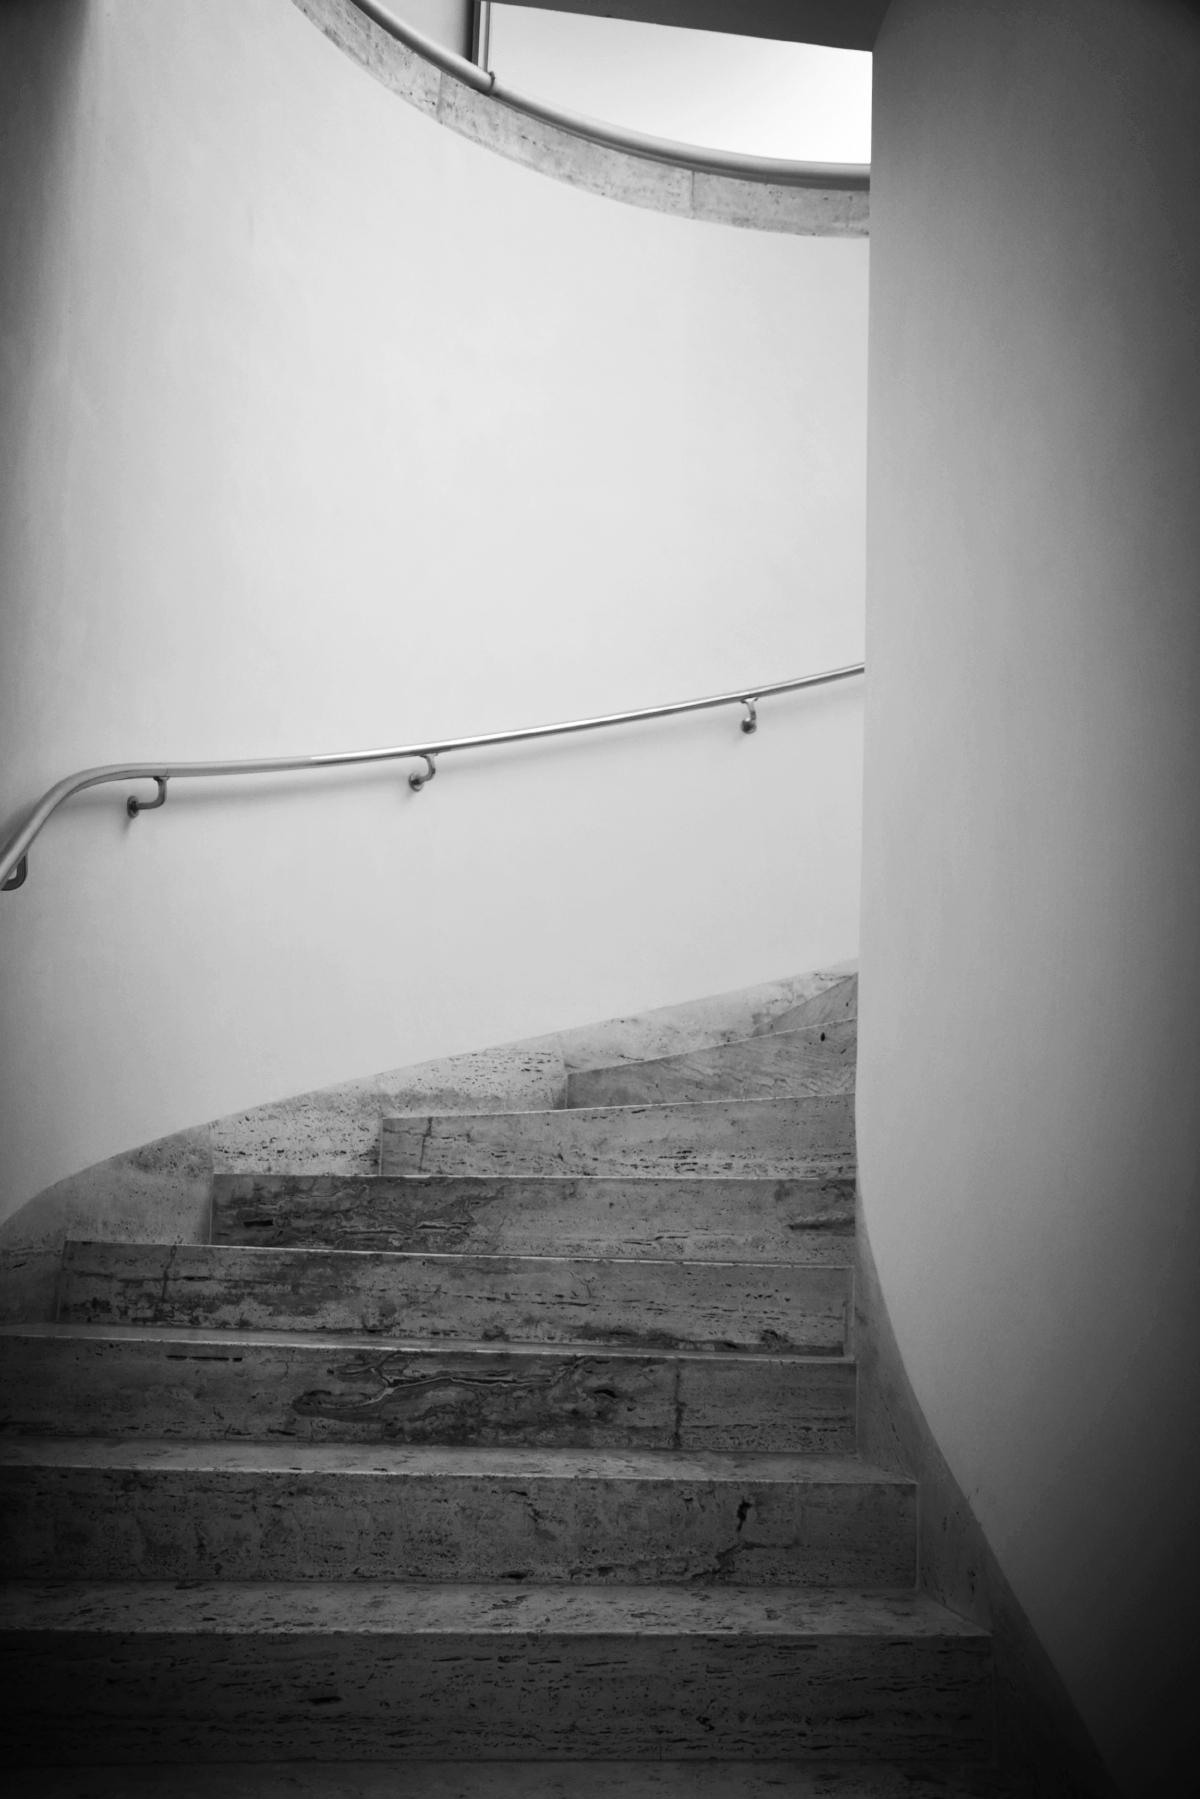 Trappen med villans karaktäristiska detaljer: sten, stål och stilrena linjer